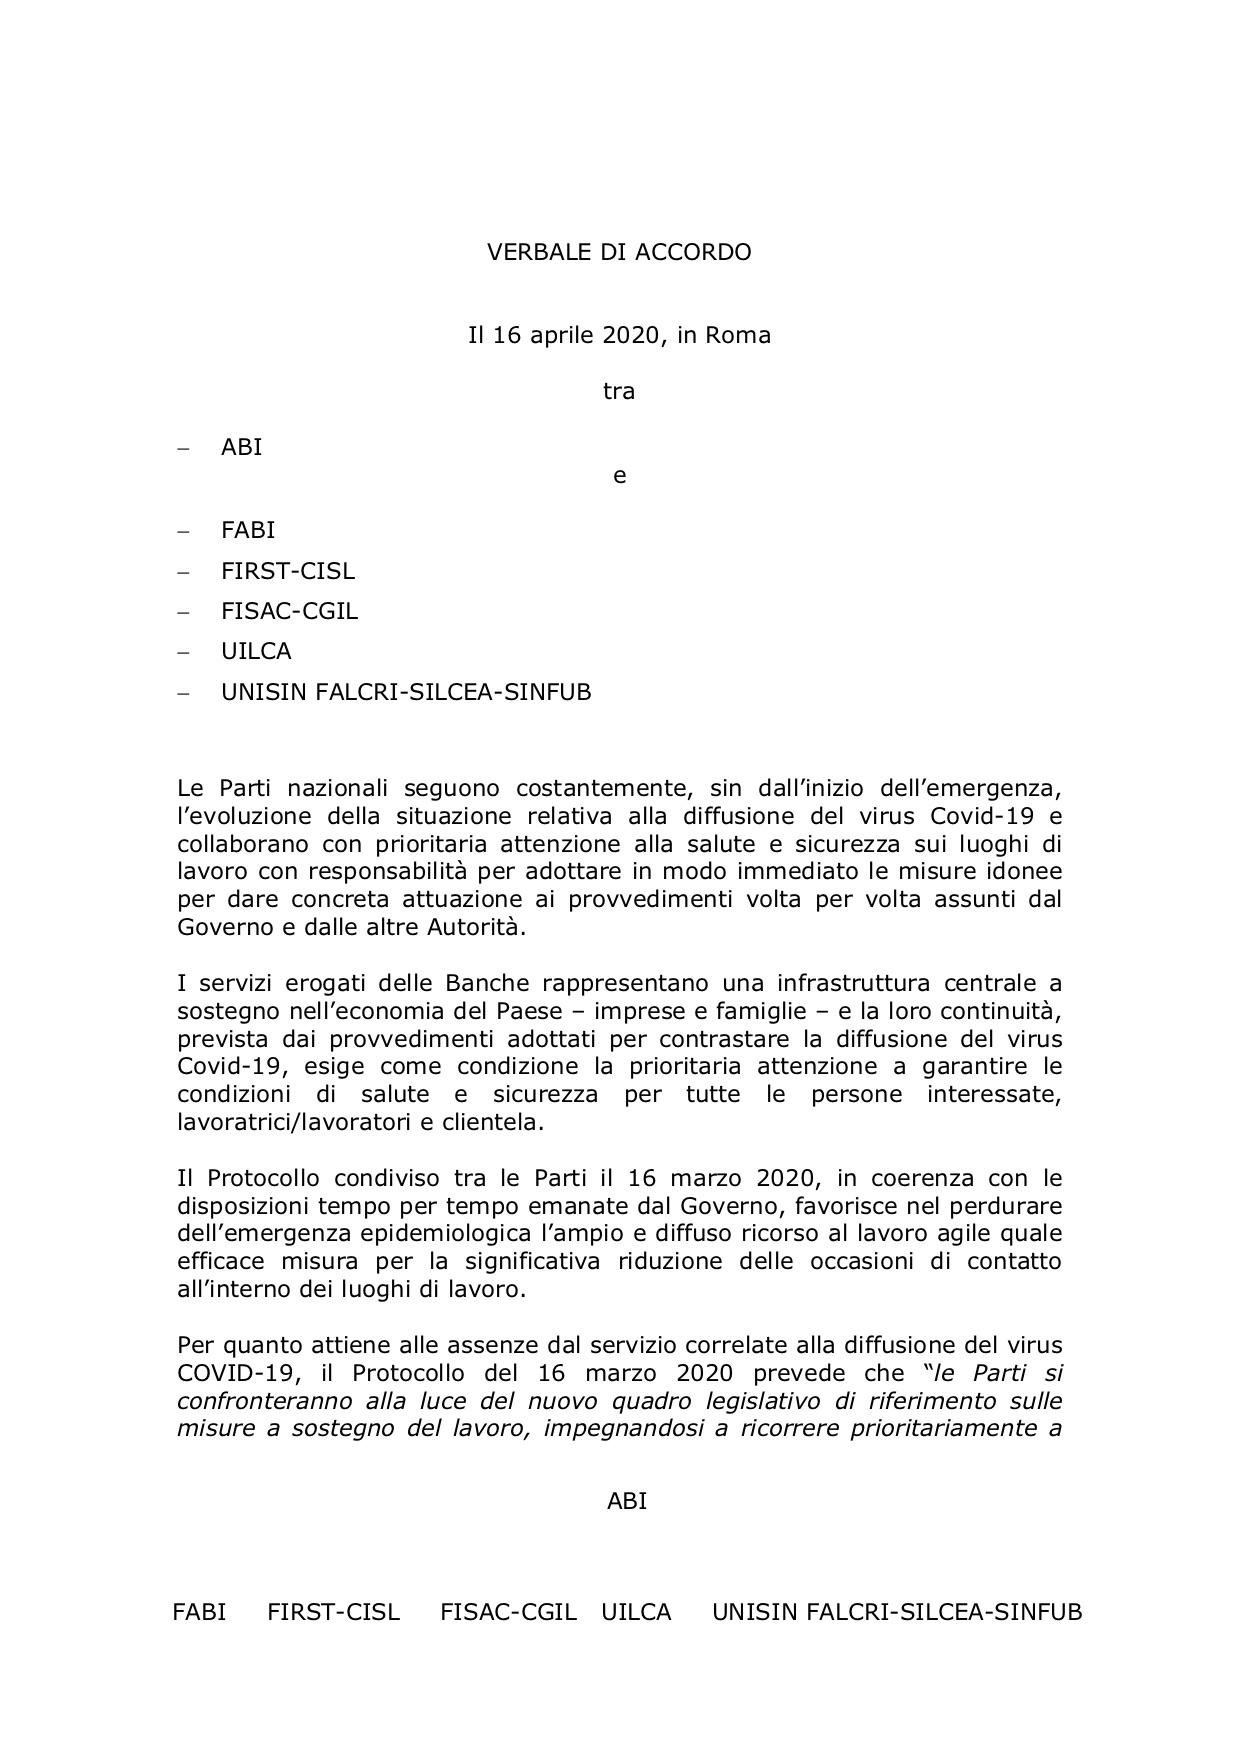 coronavirus: il testo dell'accordo firmato oggi